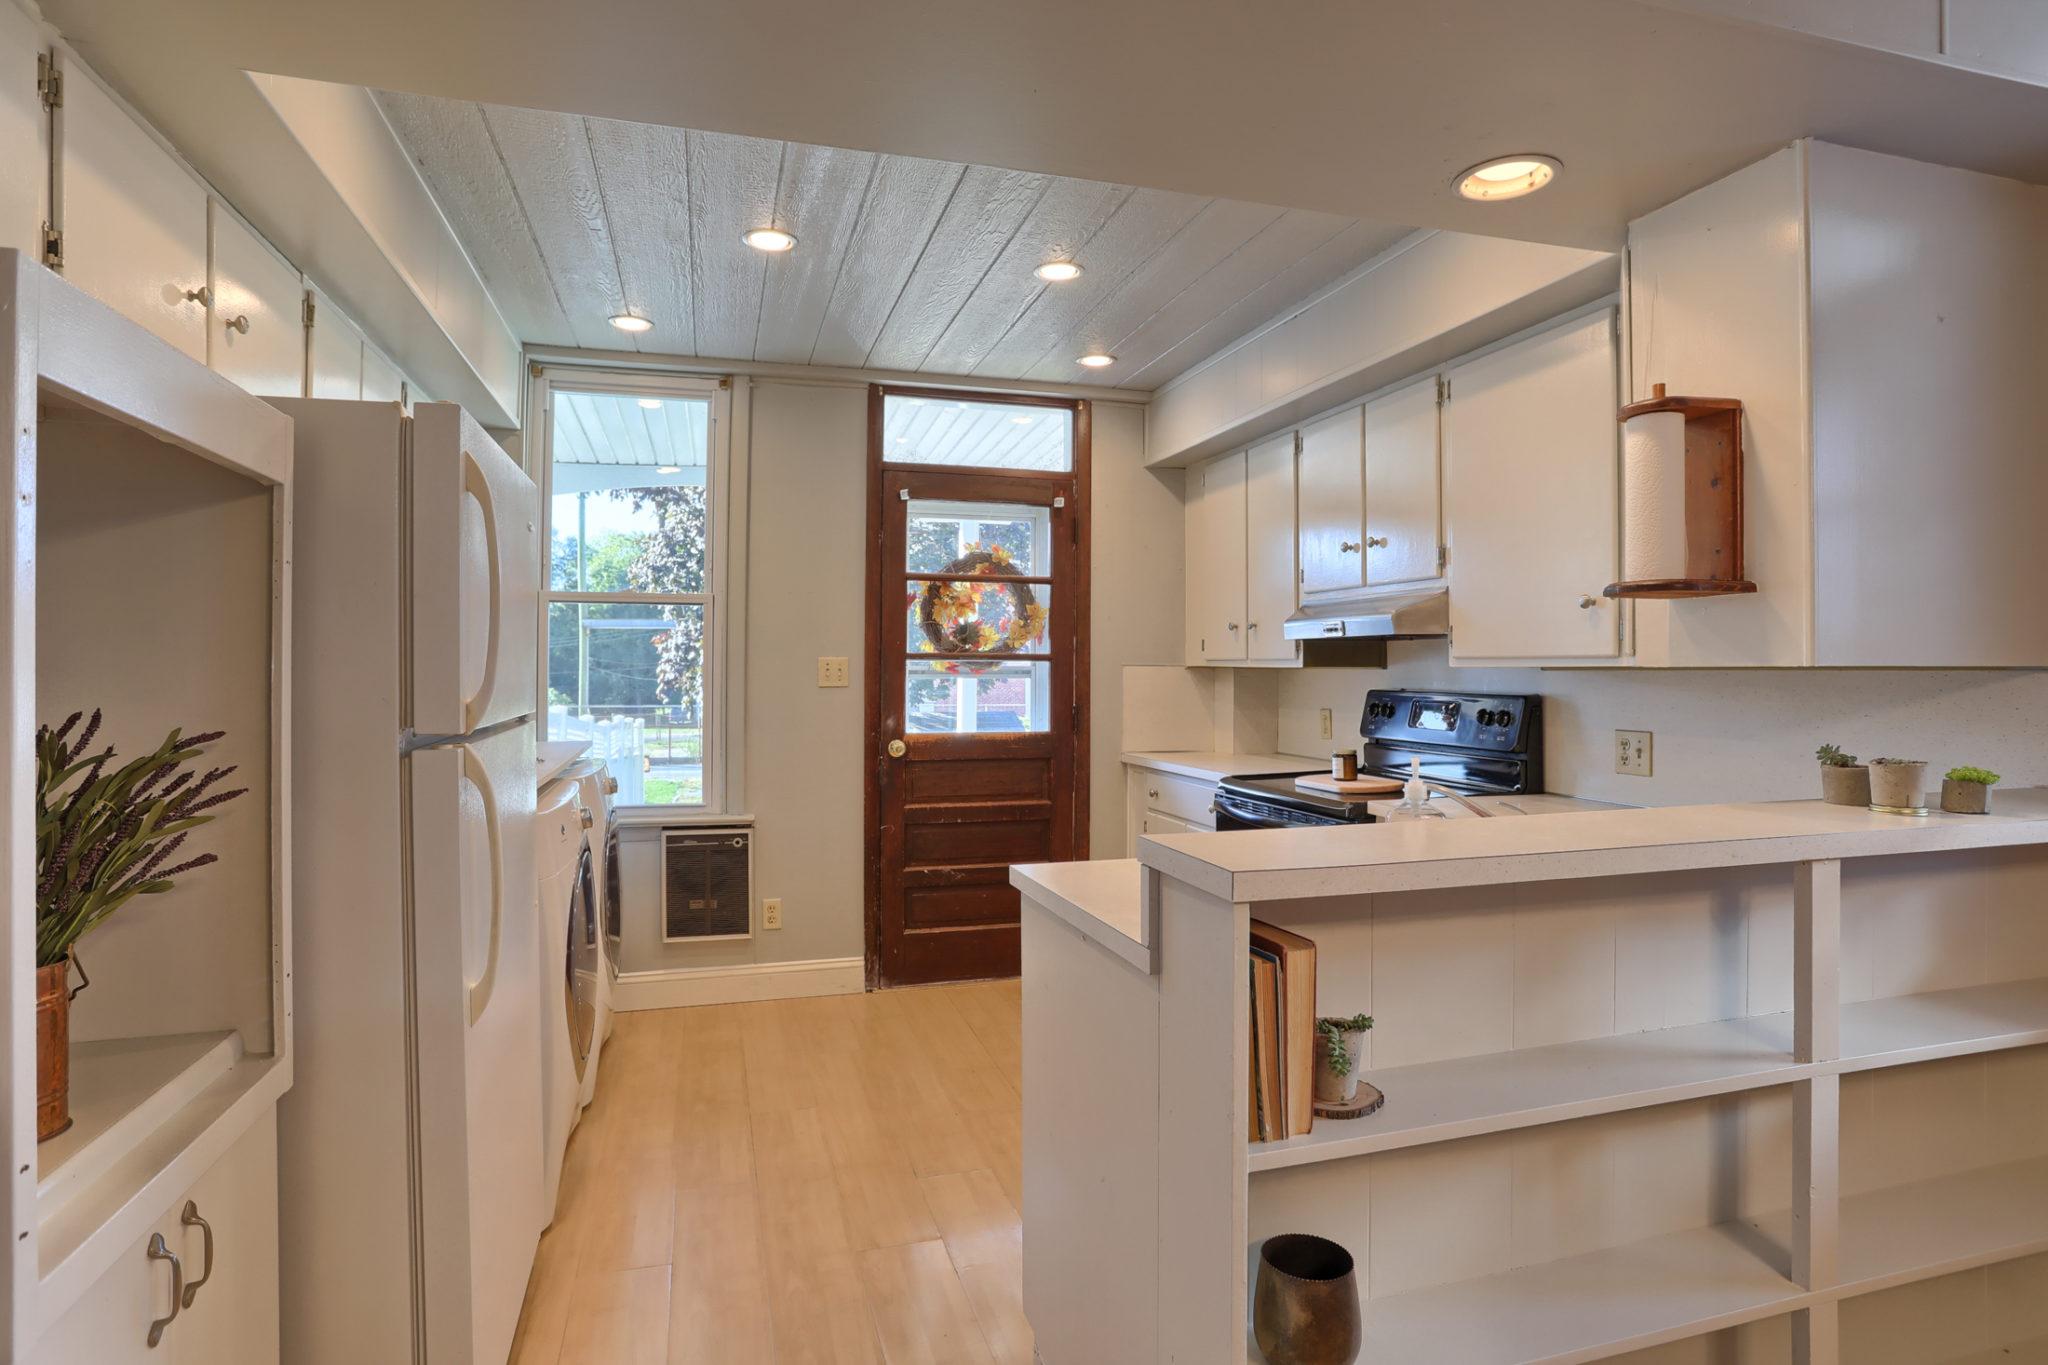 12 E. Maple Avenue - Kitchen/Dining Area 4